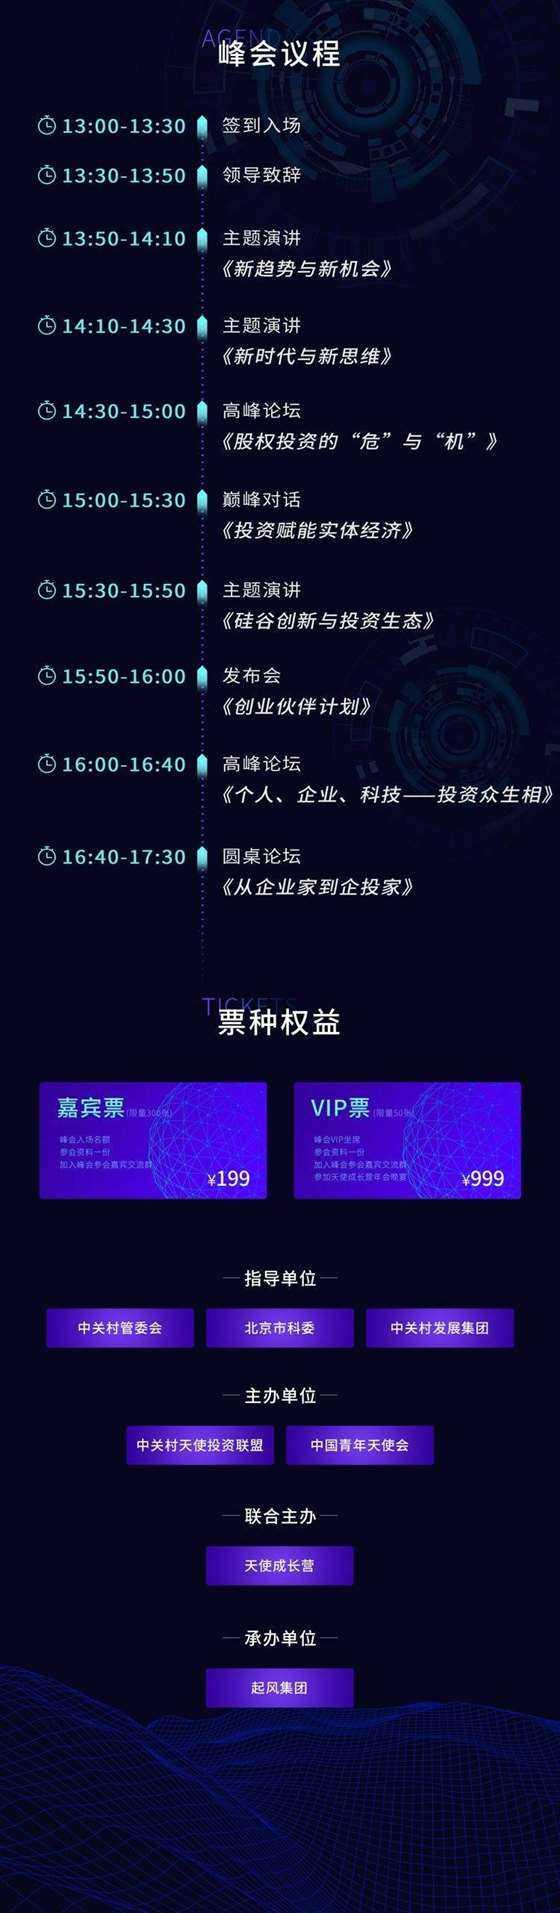 中关村论坛议程长图_03.jpg